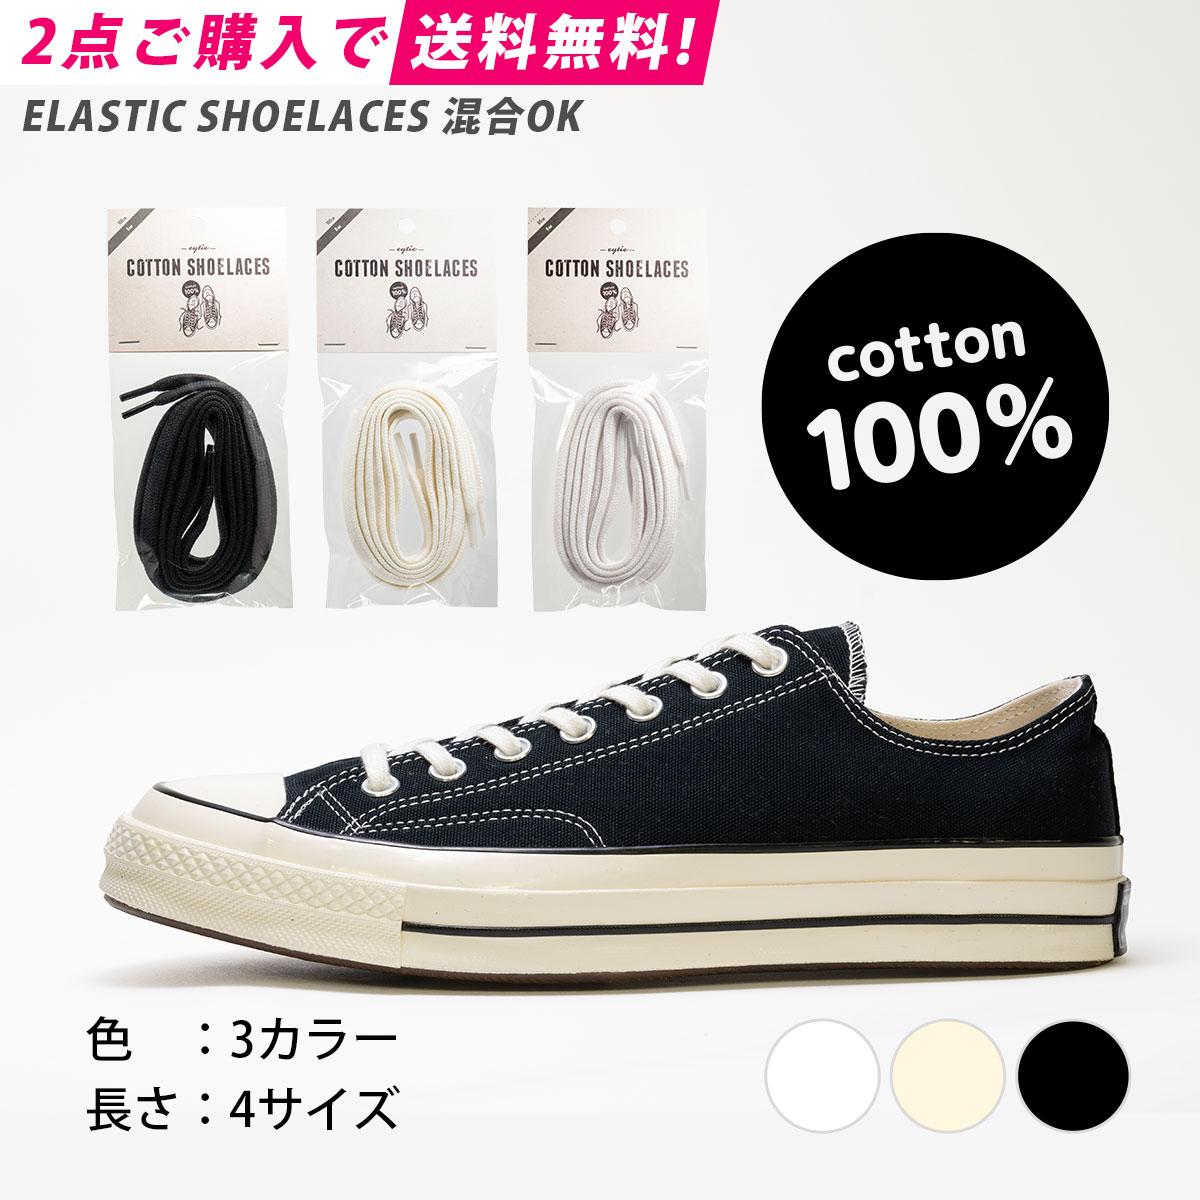 靴ケア用品・アクセサリー, 靴ひも 2 COTTON SHOELACES 21 CT70